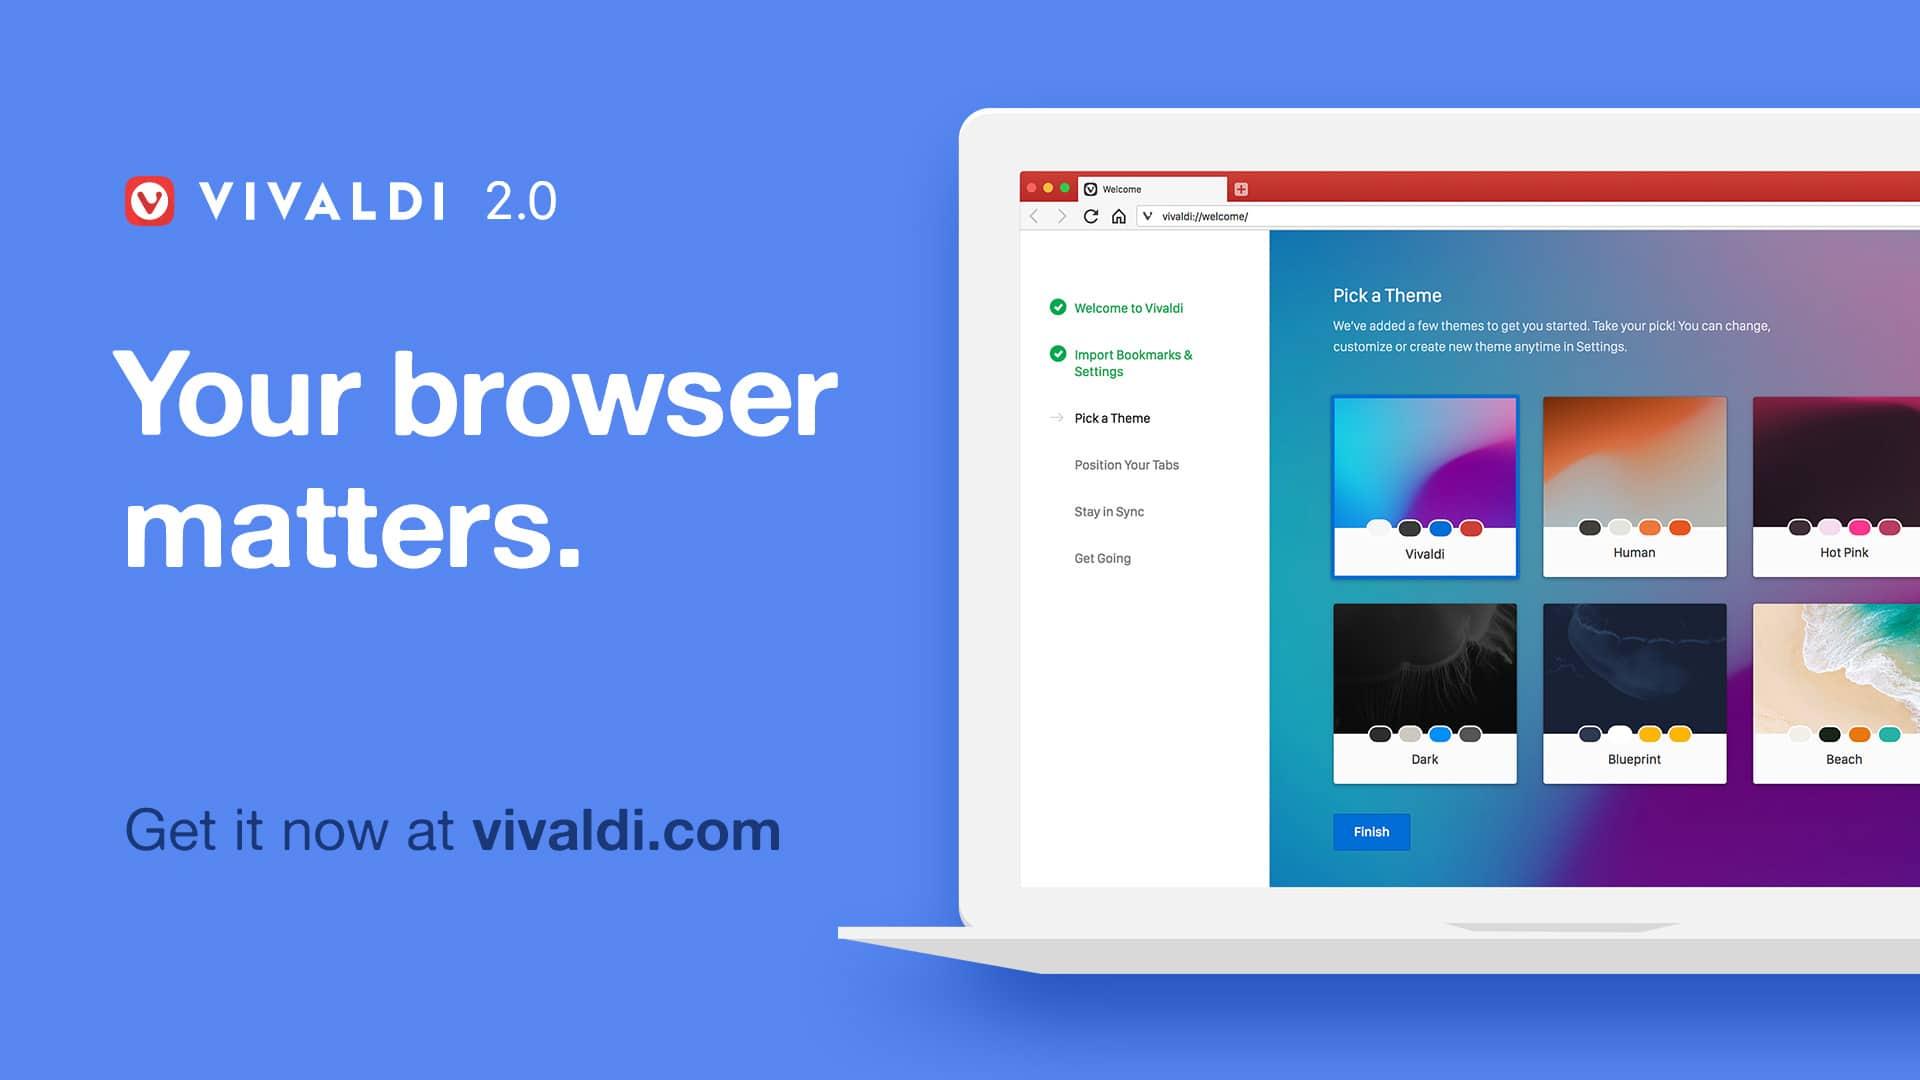 Lançado Vivaldi 2.0 com novas funções